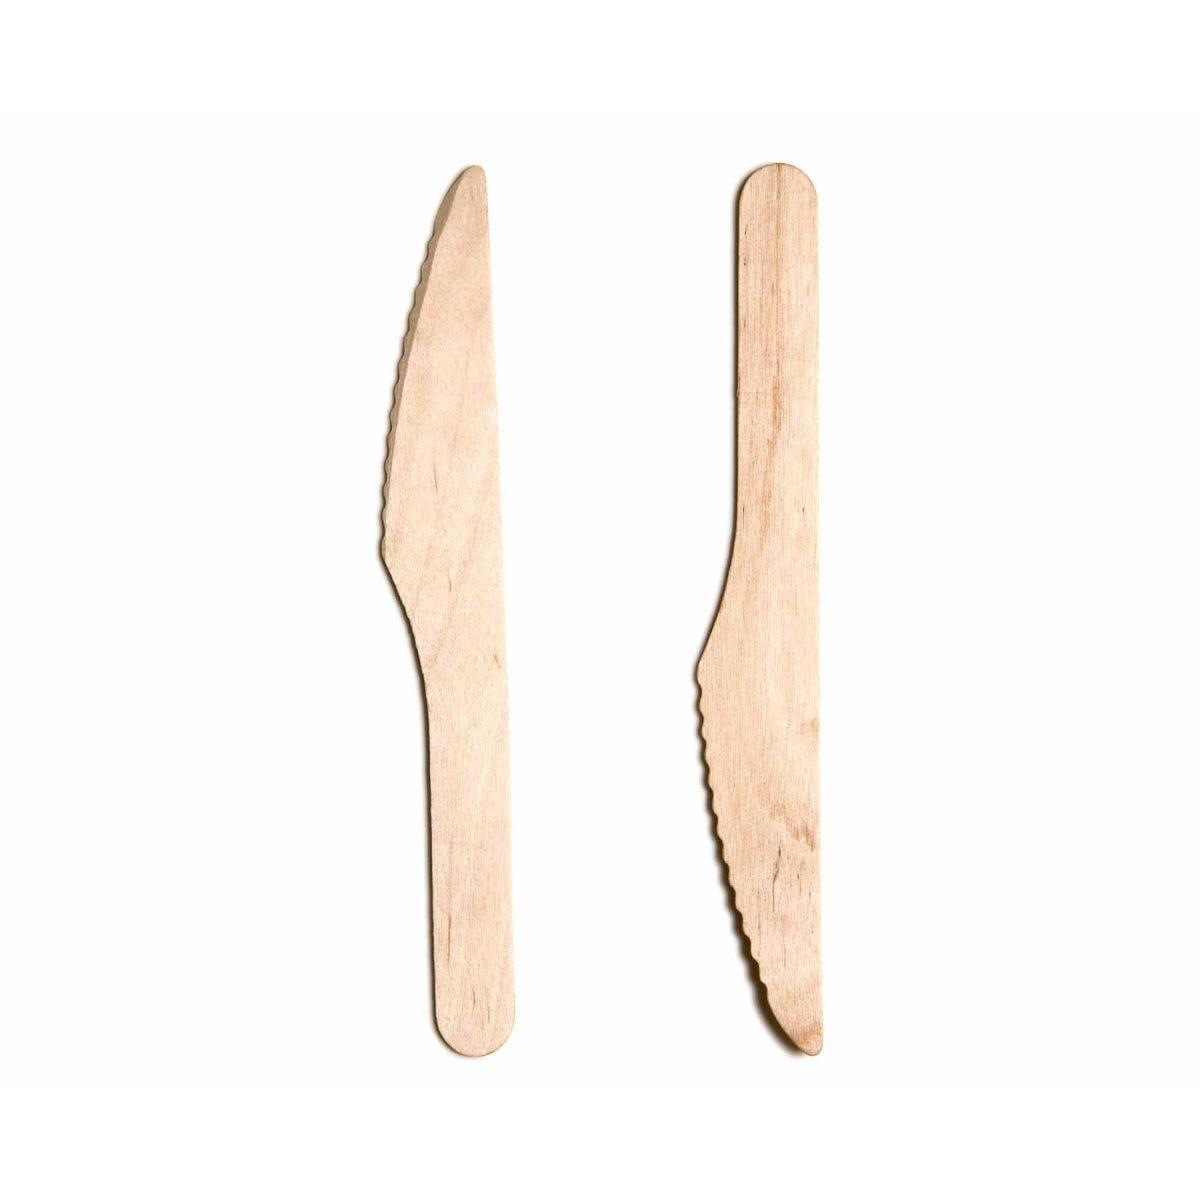 Birchwood Wooden Knife Pack of 100